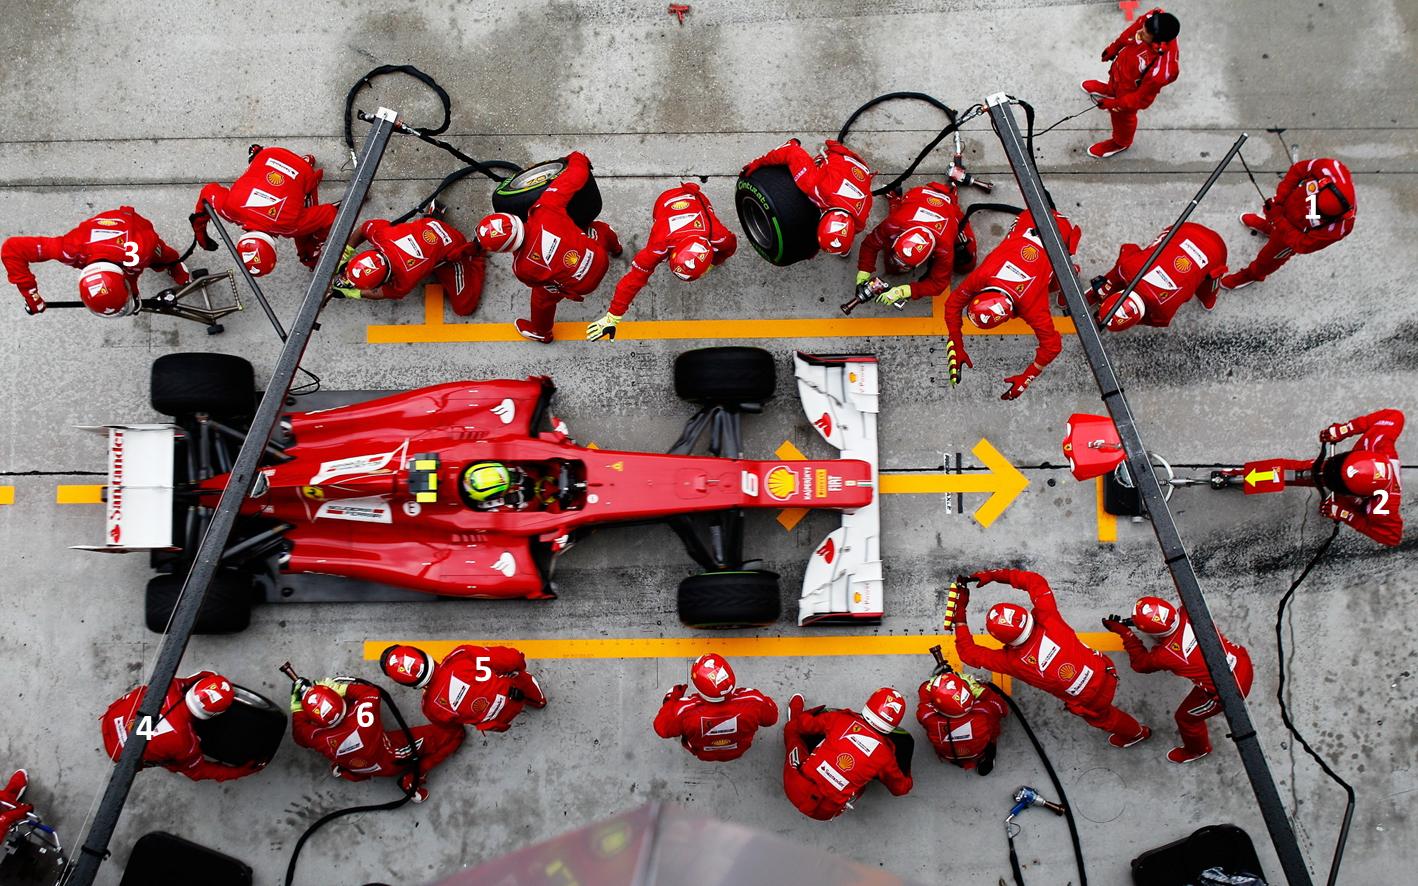 Vista superior de um pit stop da F1. Adaptado de sportskeed [1].